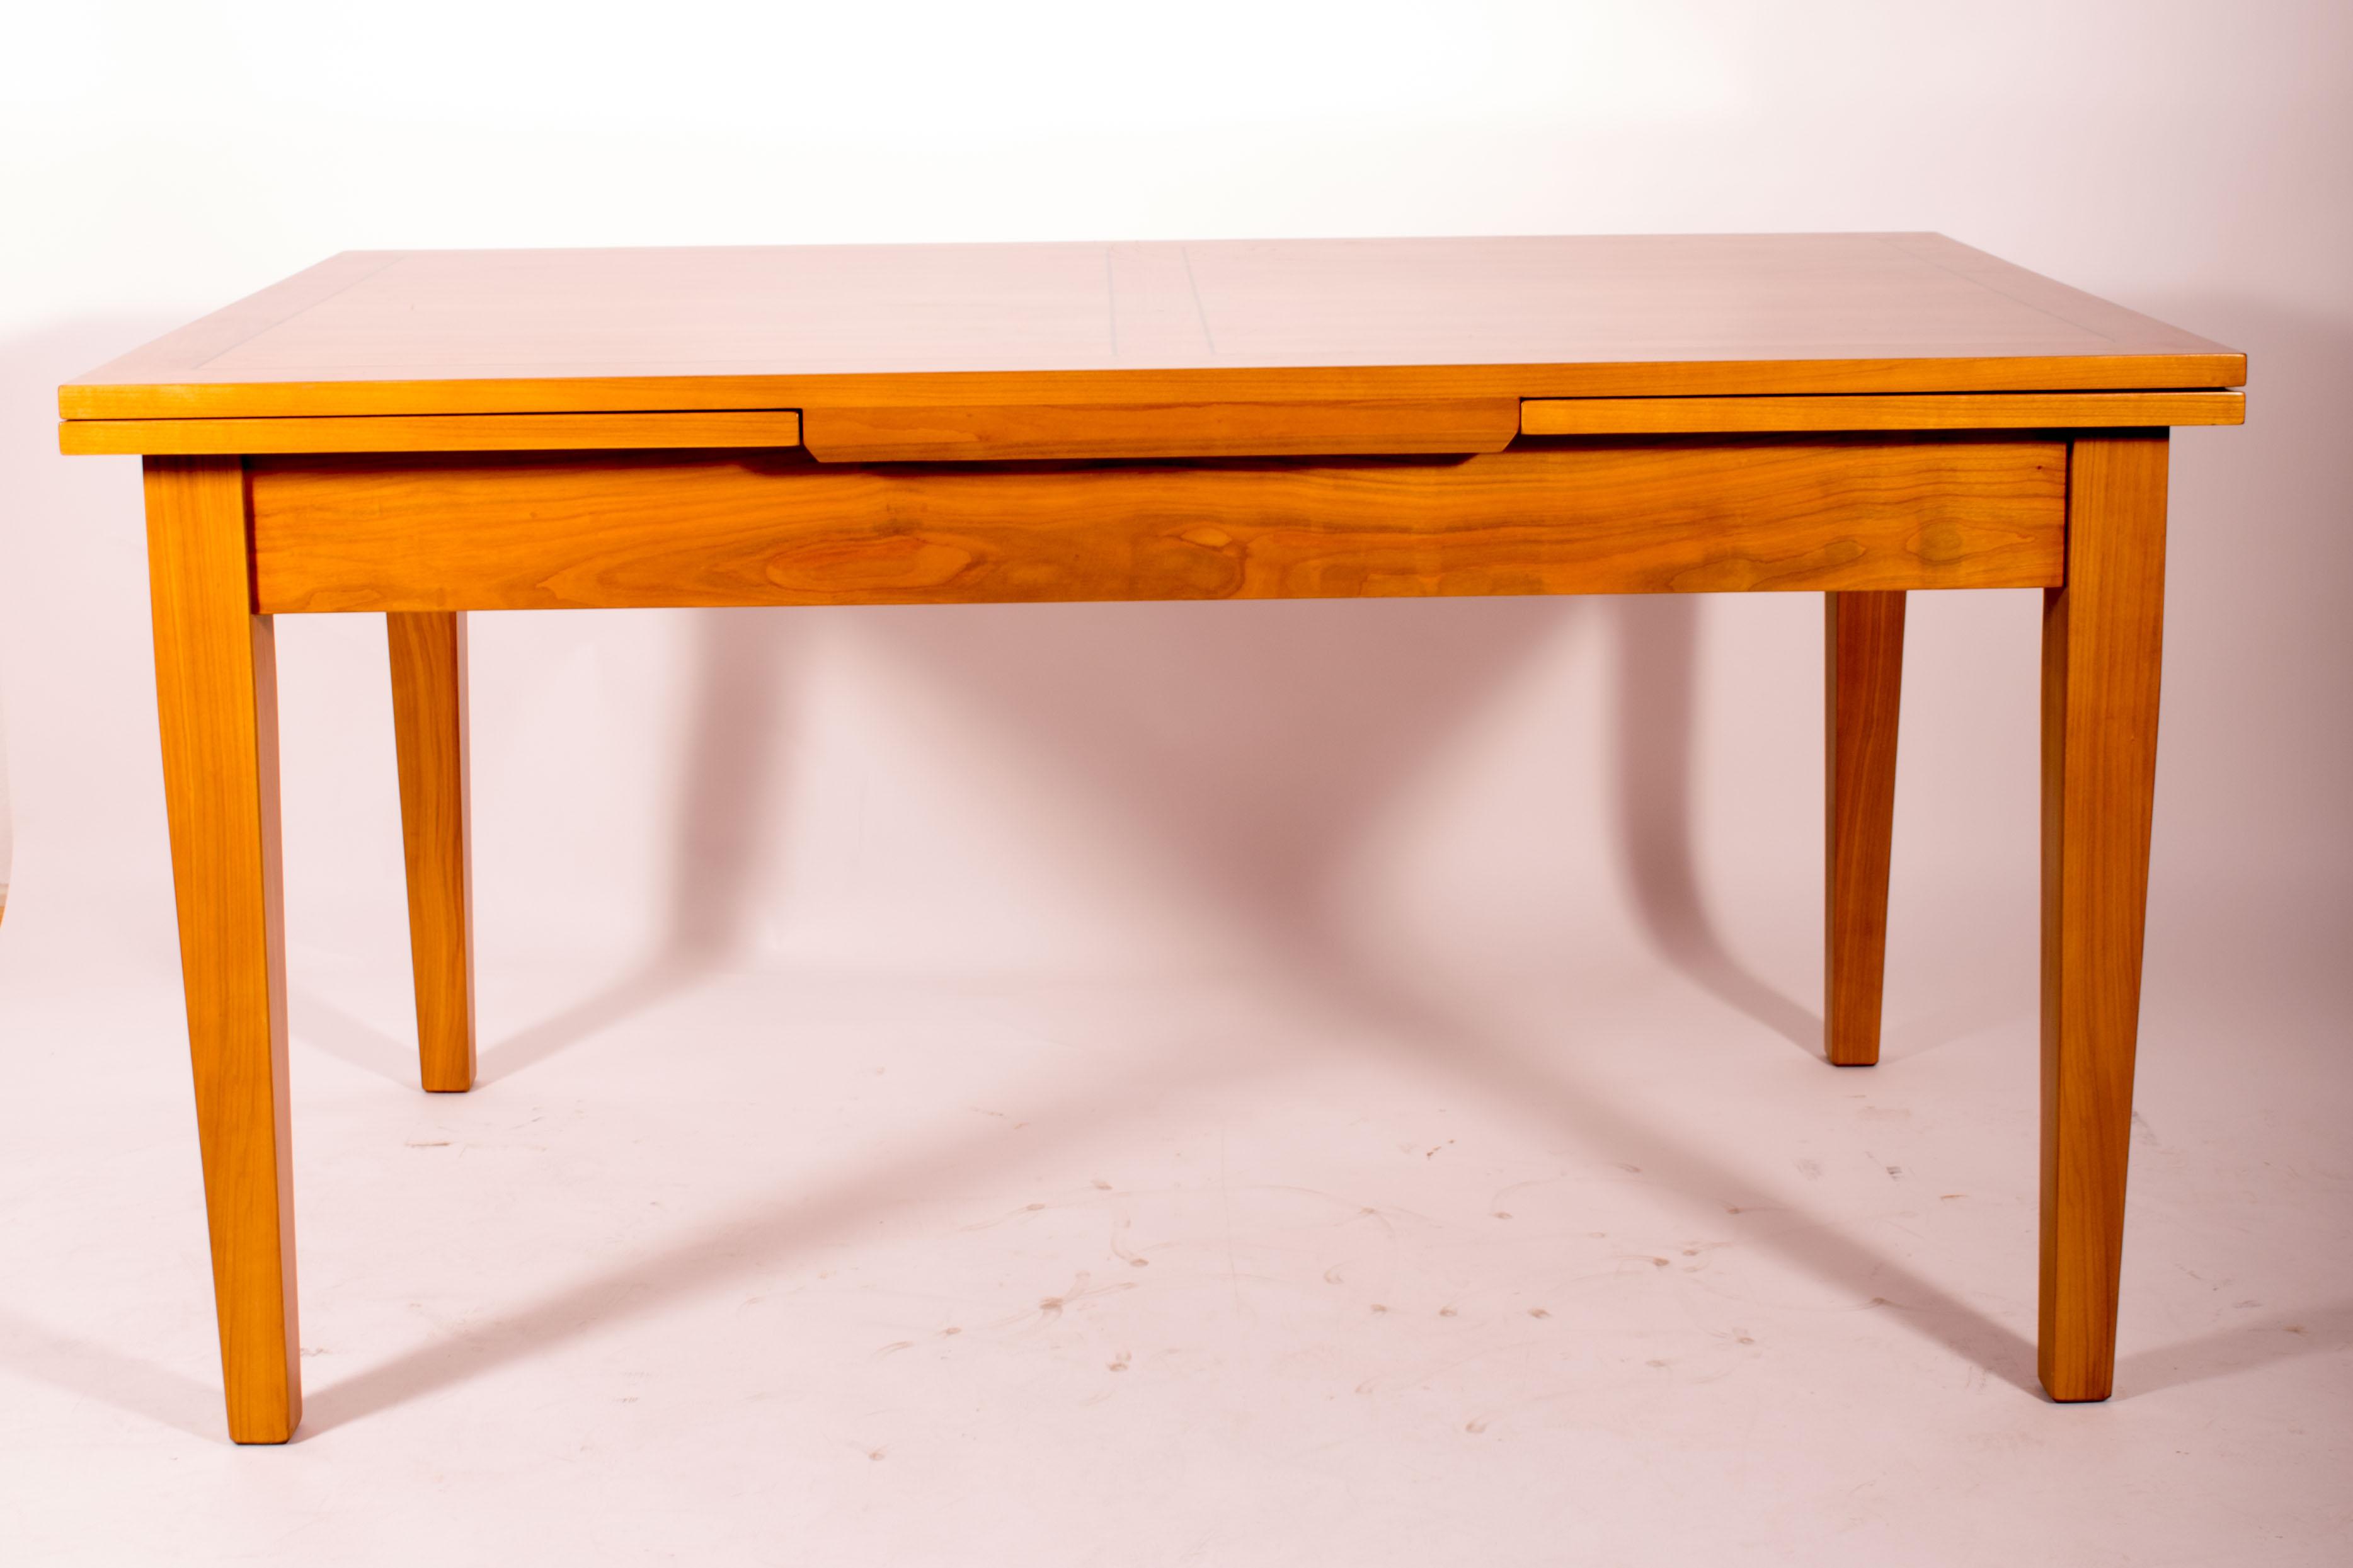 ausziehbarer tisch im biedermeier stil kirschbaum - antiquitäten